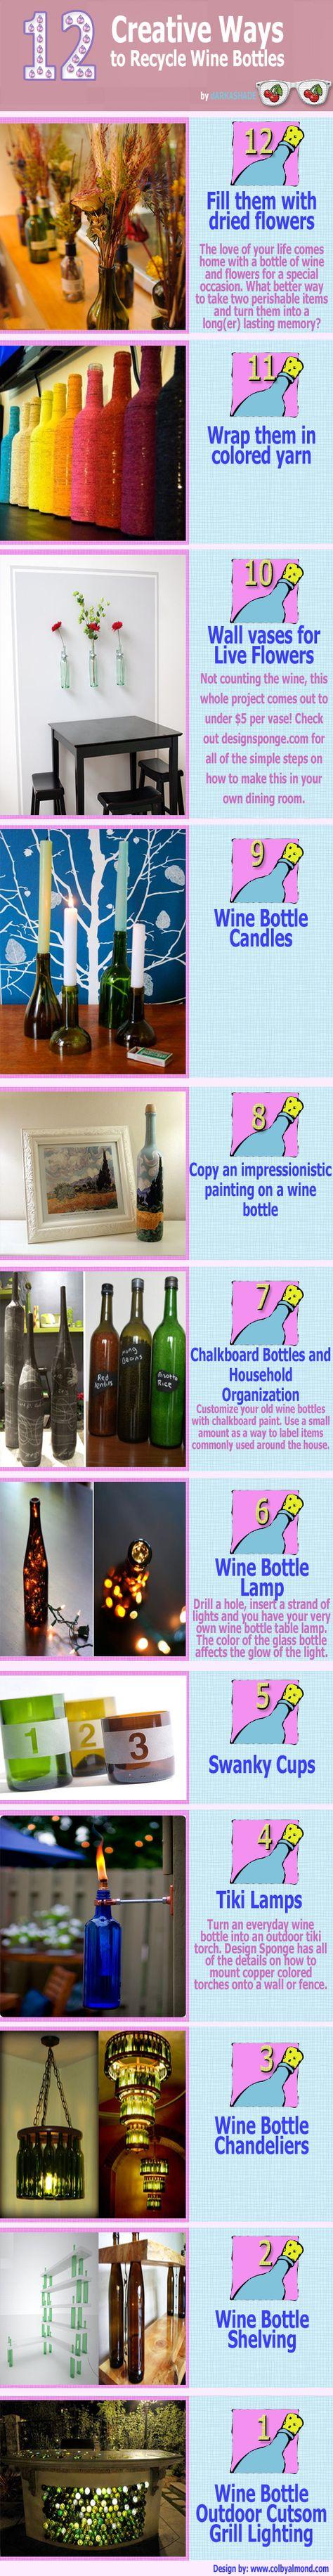 Uses for old wine bottles - Inspiring!